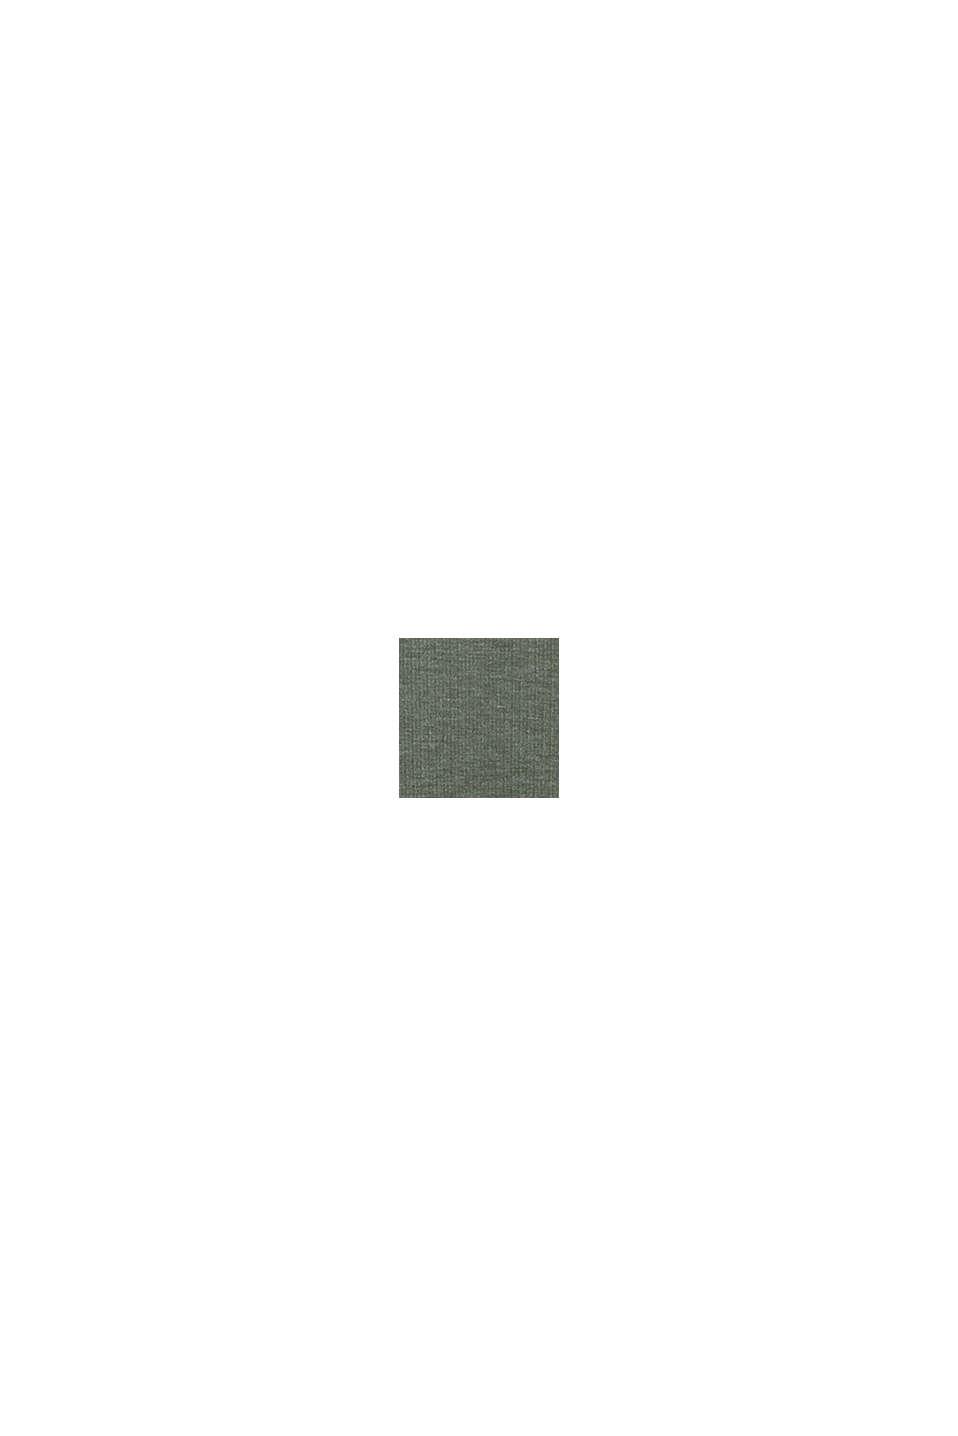 Jersey-yöpaita LENZING™ ECOVERO™ -materiaalia, LIGHT KHAKI, swatch